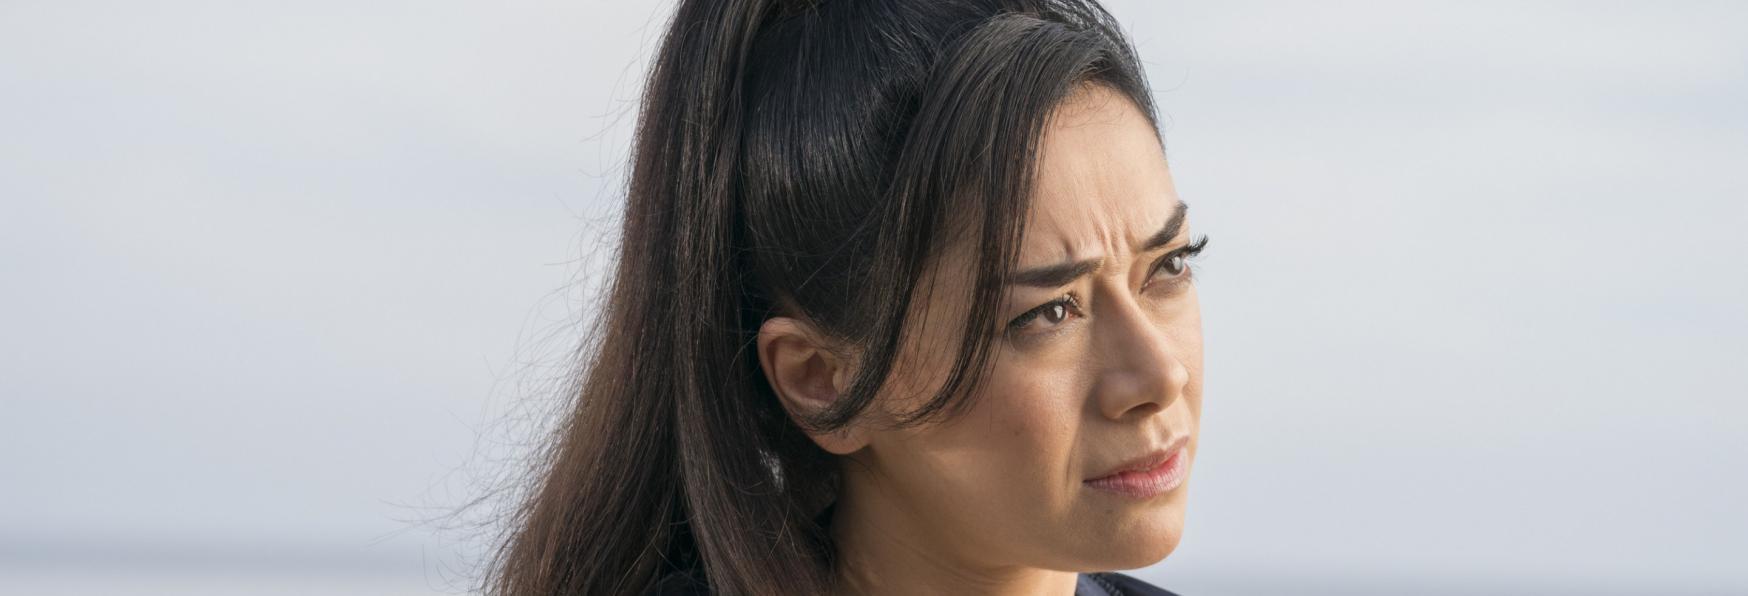 Luficer: Aimee Garcia parla del Colpo di Scena riguardante Ella e delle Conseguenze